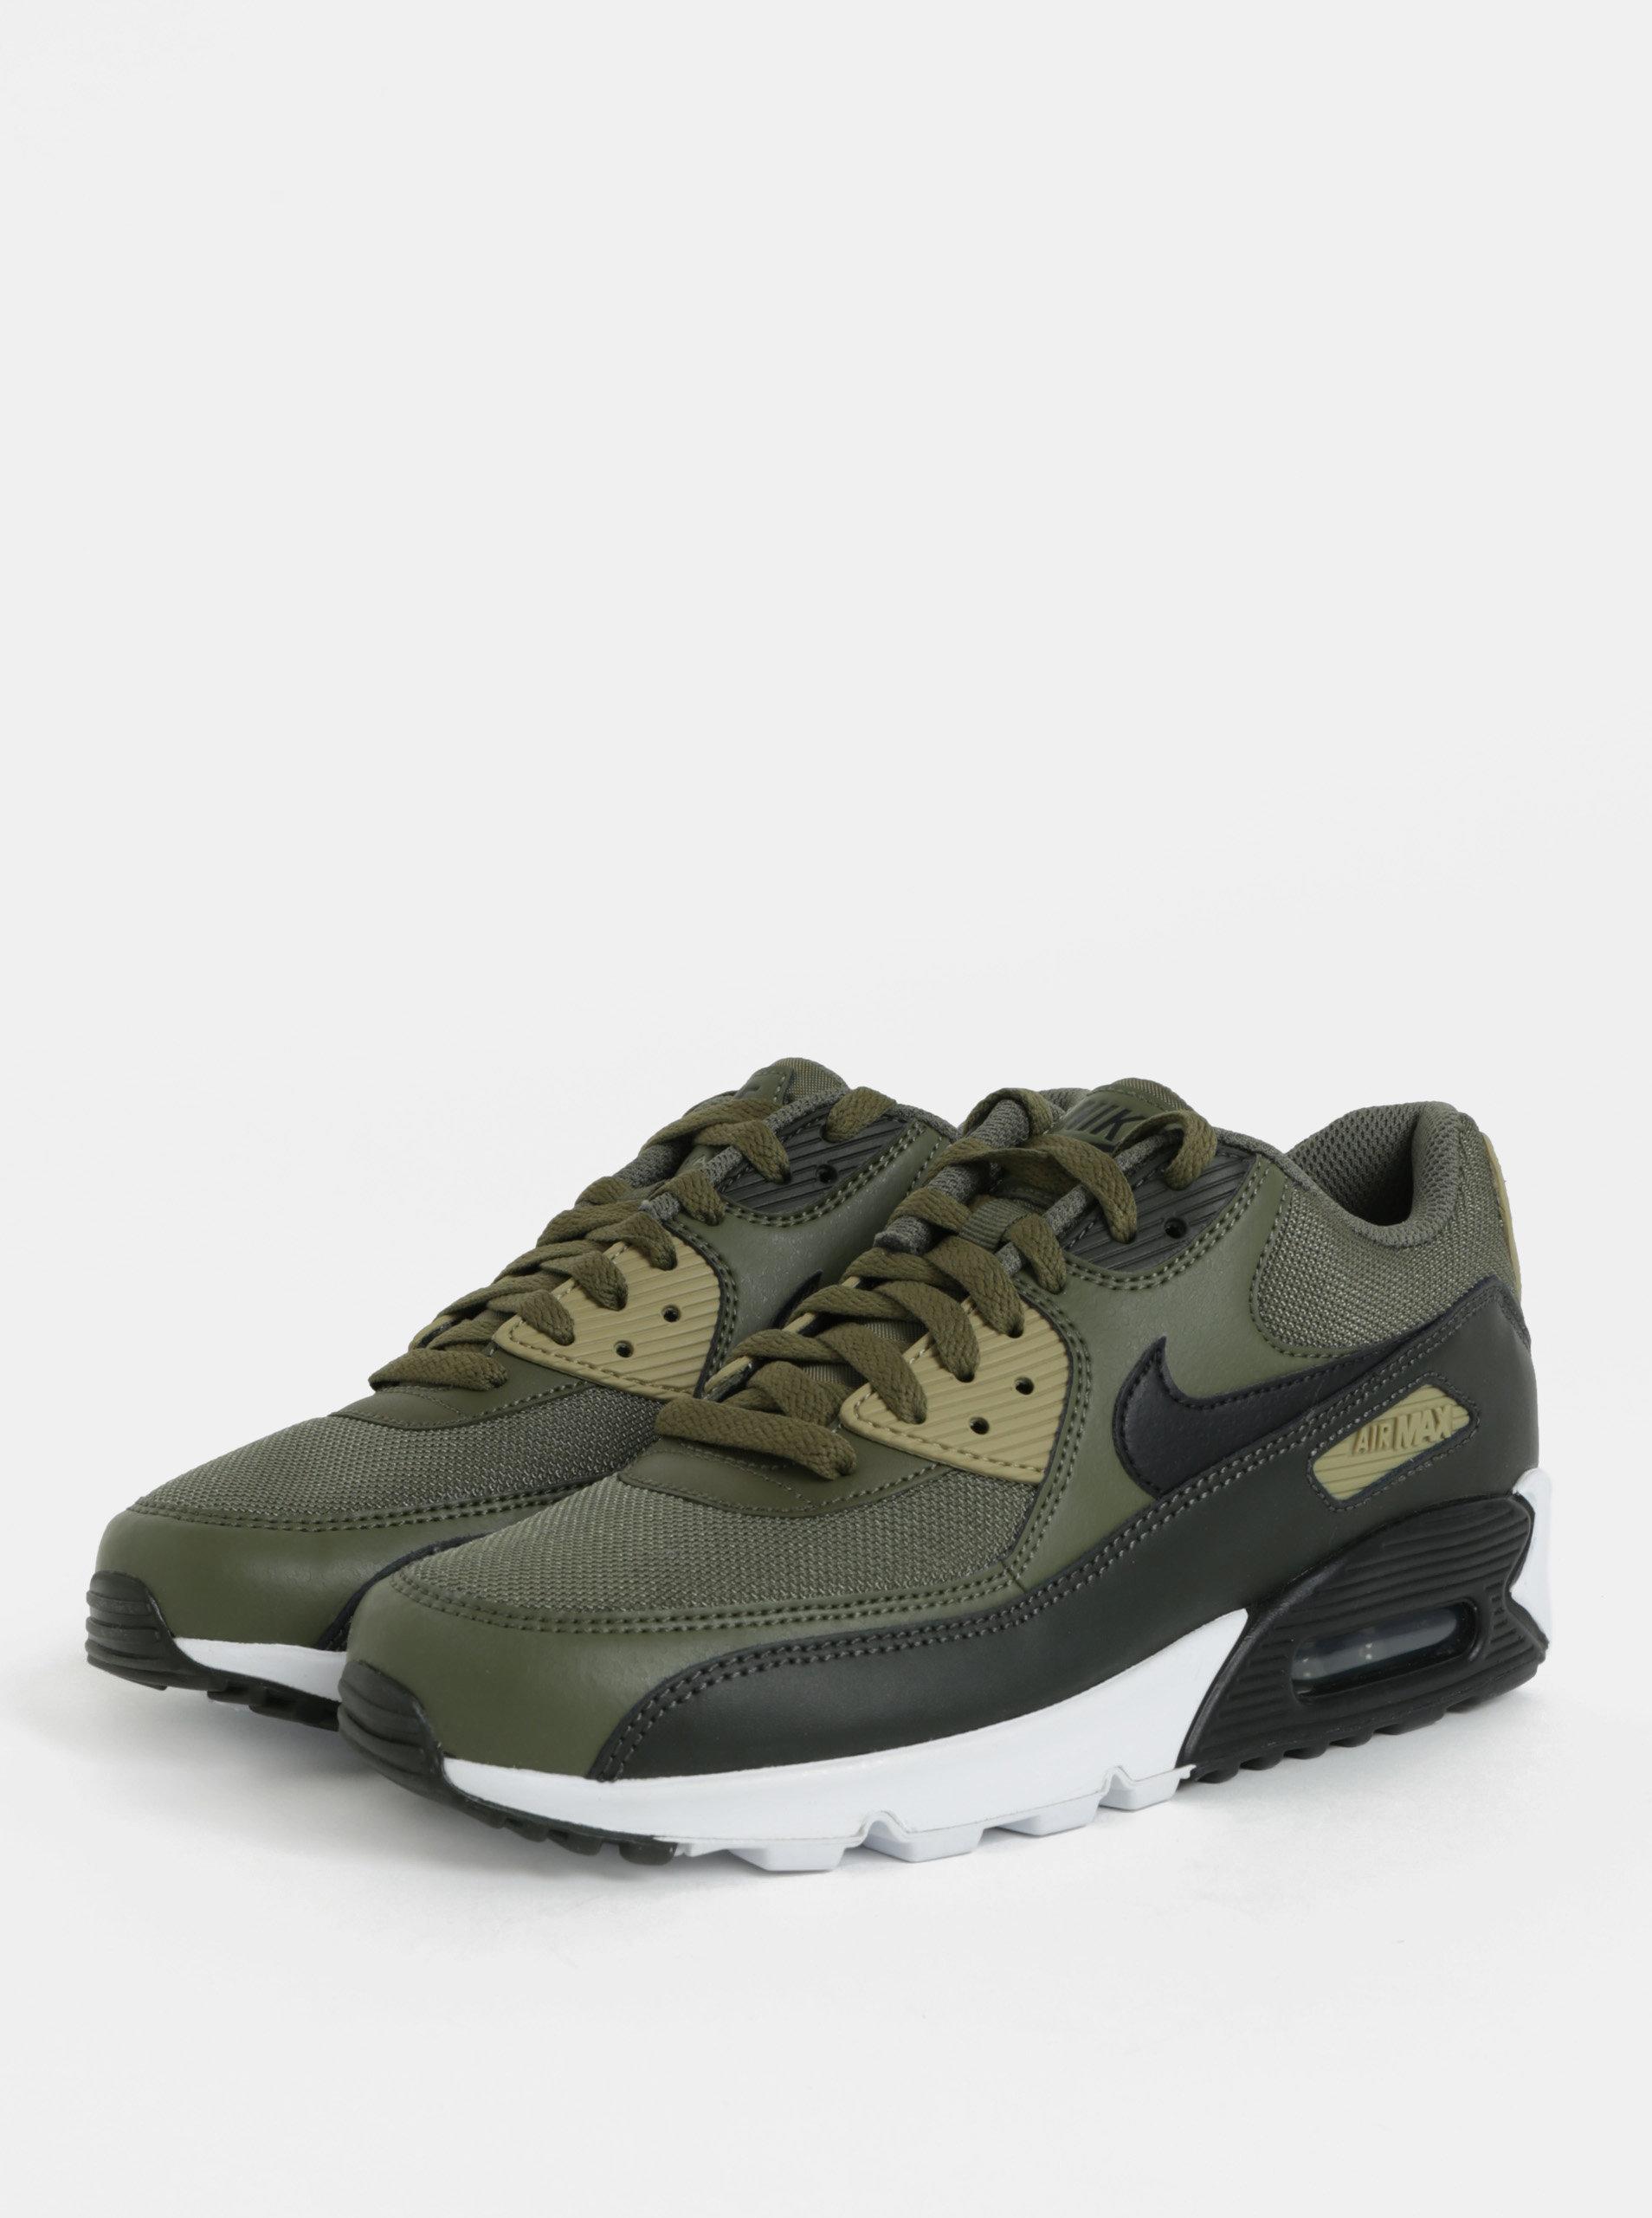 Kaki pánske kožené tenisky Nike Air Max  90 Essential ... 22b01da5eb